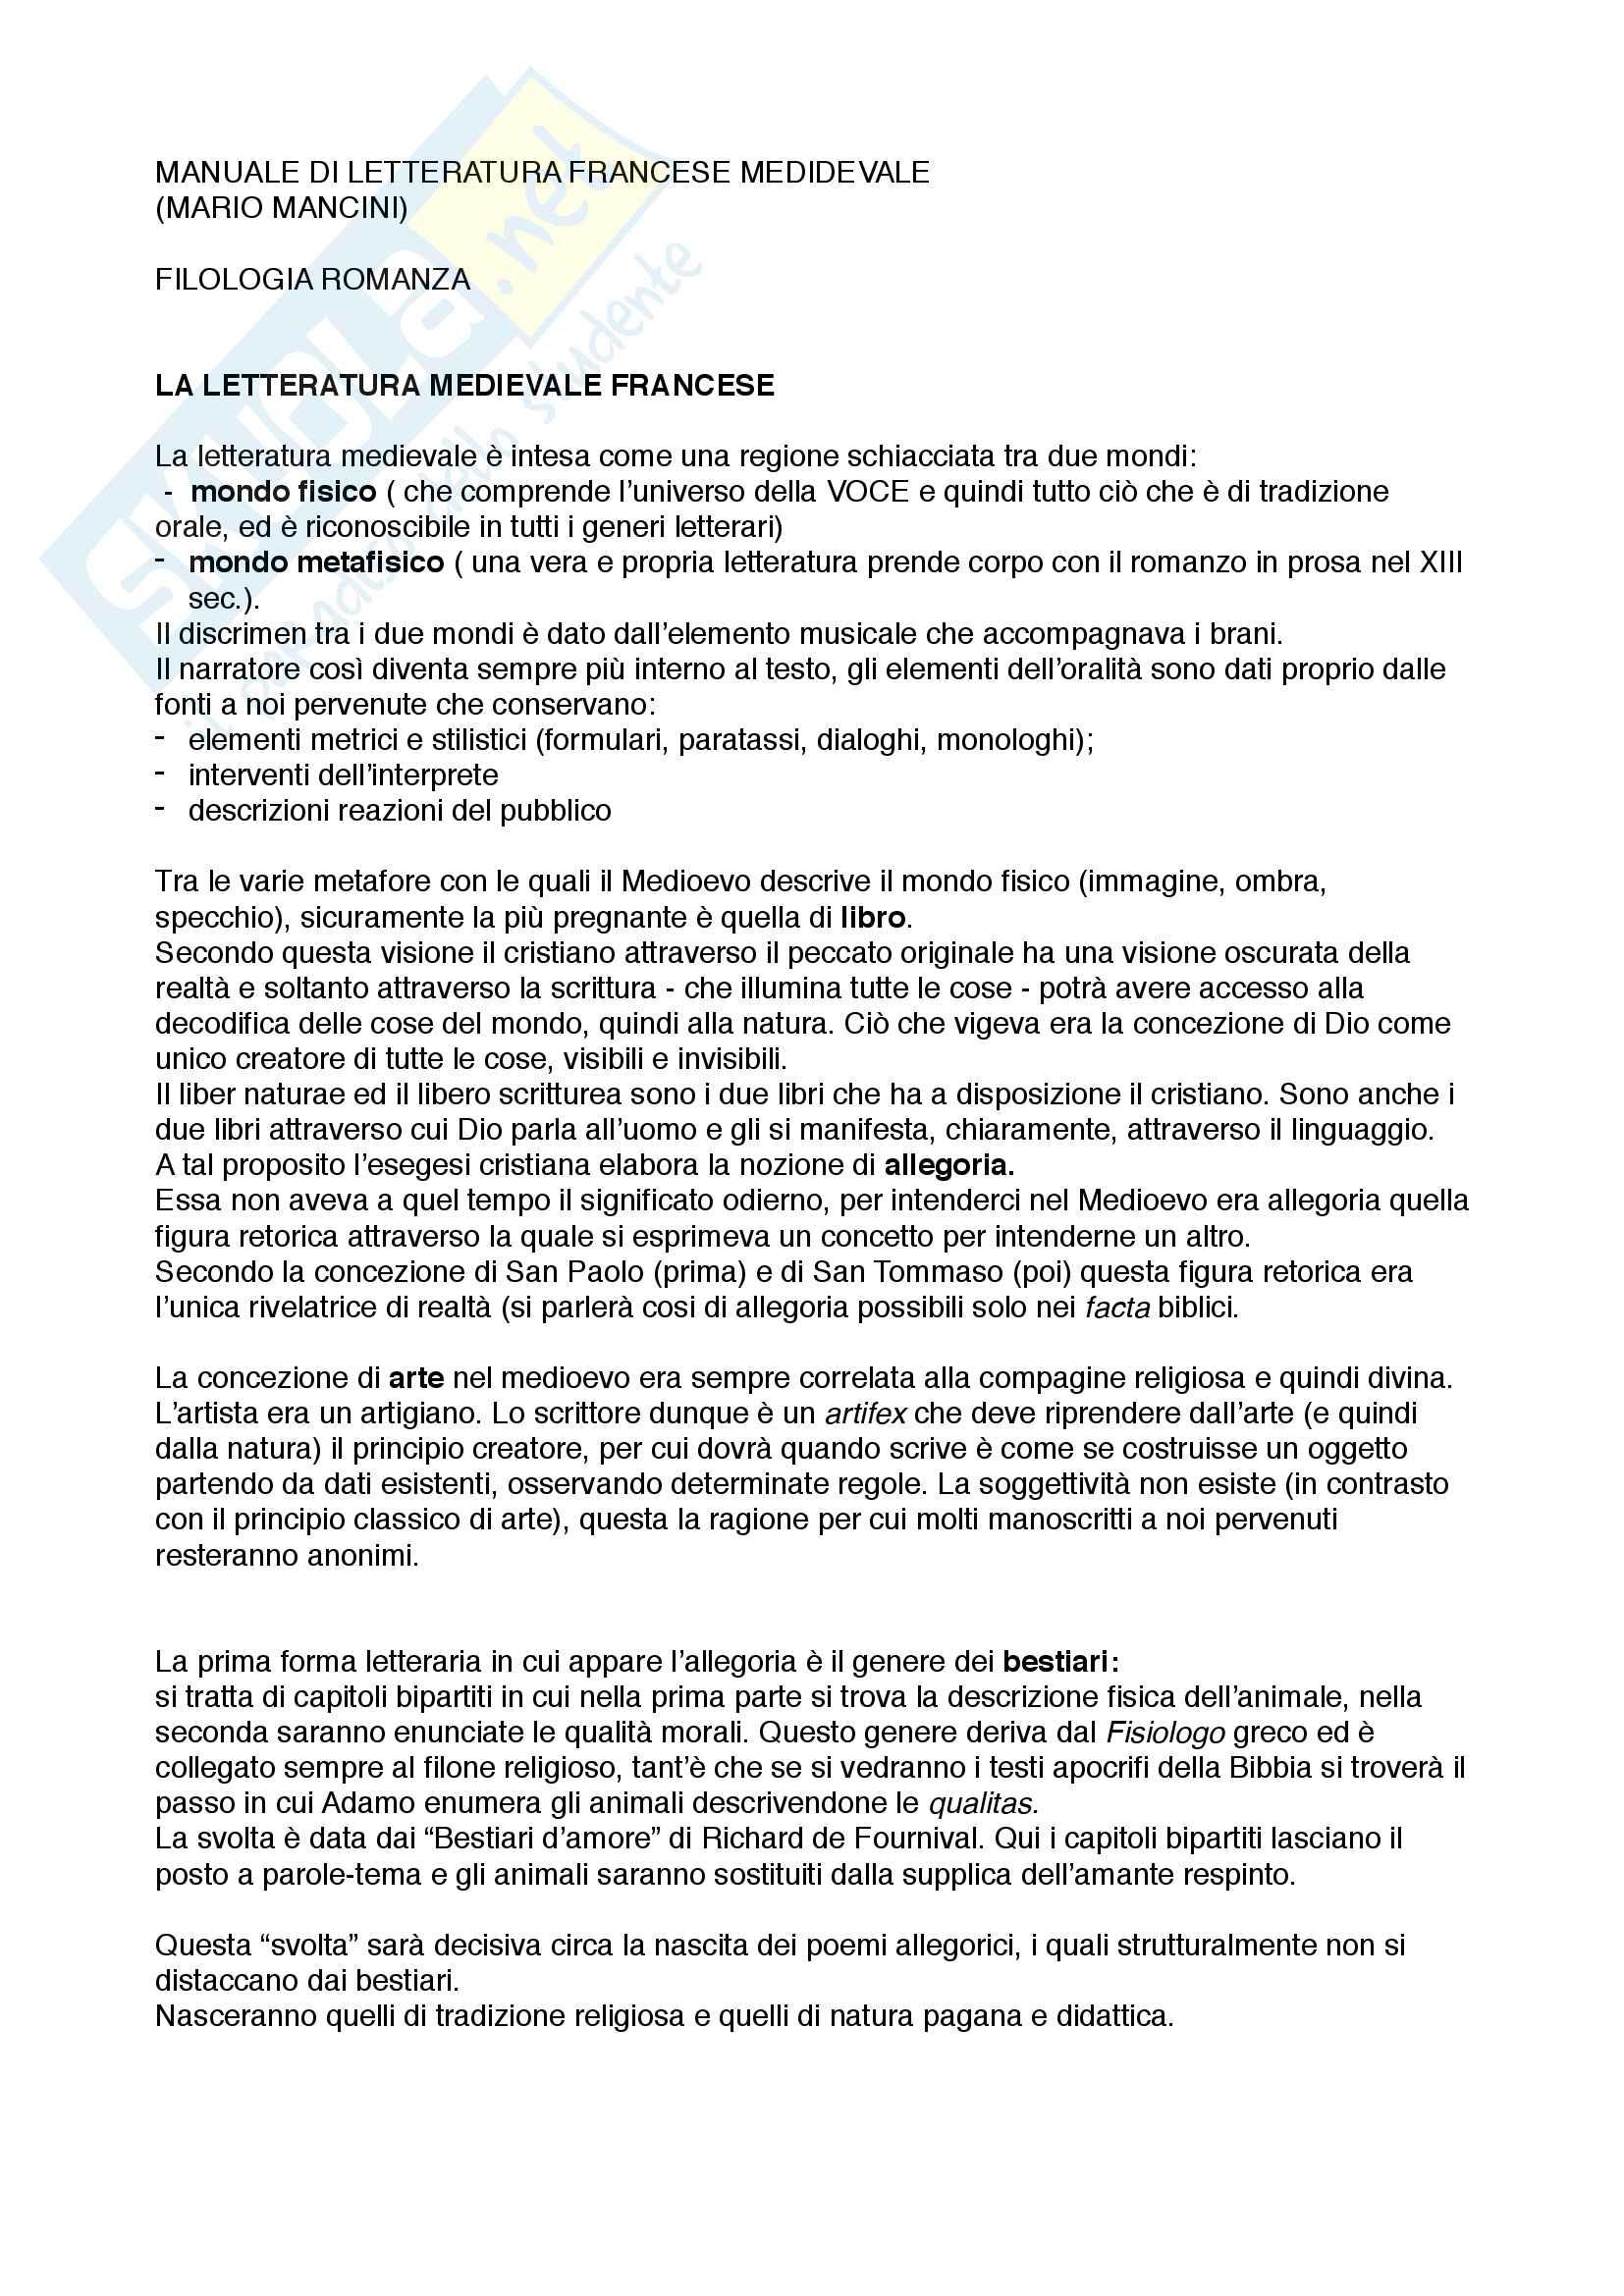 Riassunto esame filologia romanza, prof. Punzi libro consigliato Manuale di letteratura francese medievale, Mancini